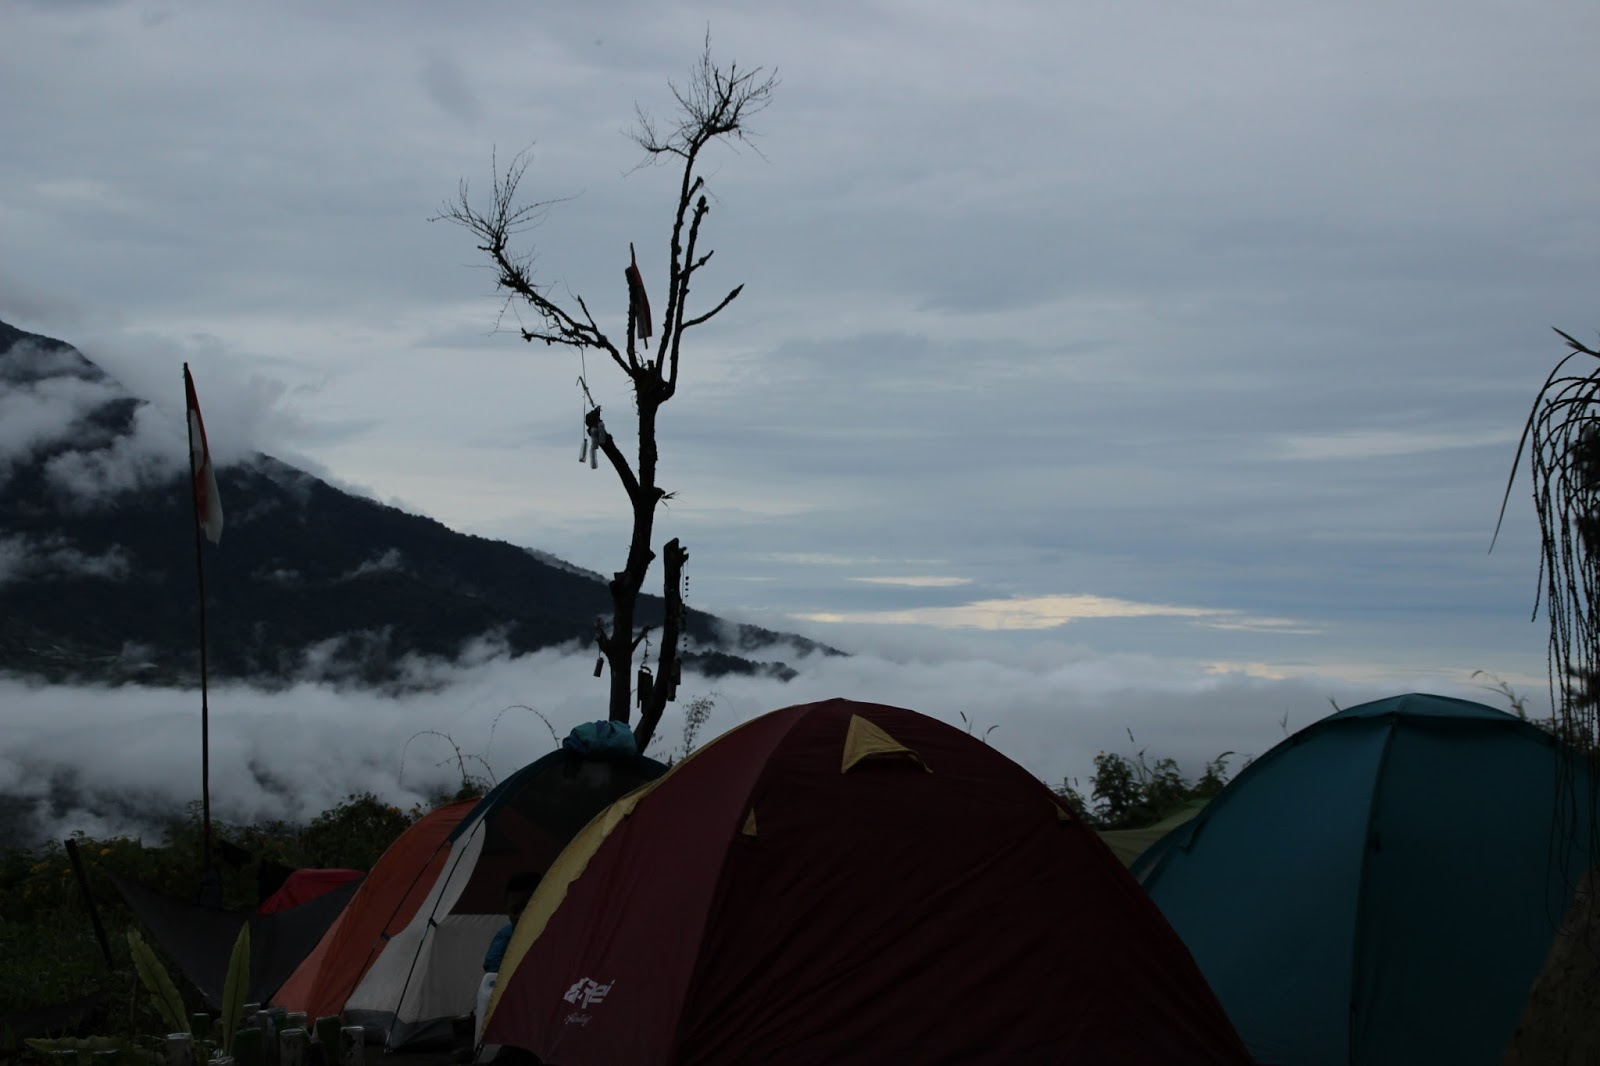 Catatan Perjalanan Pendakian Gunung Marapi Sumatera Barat